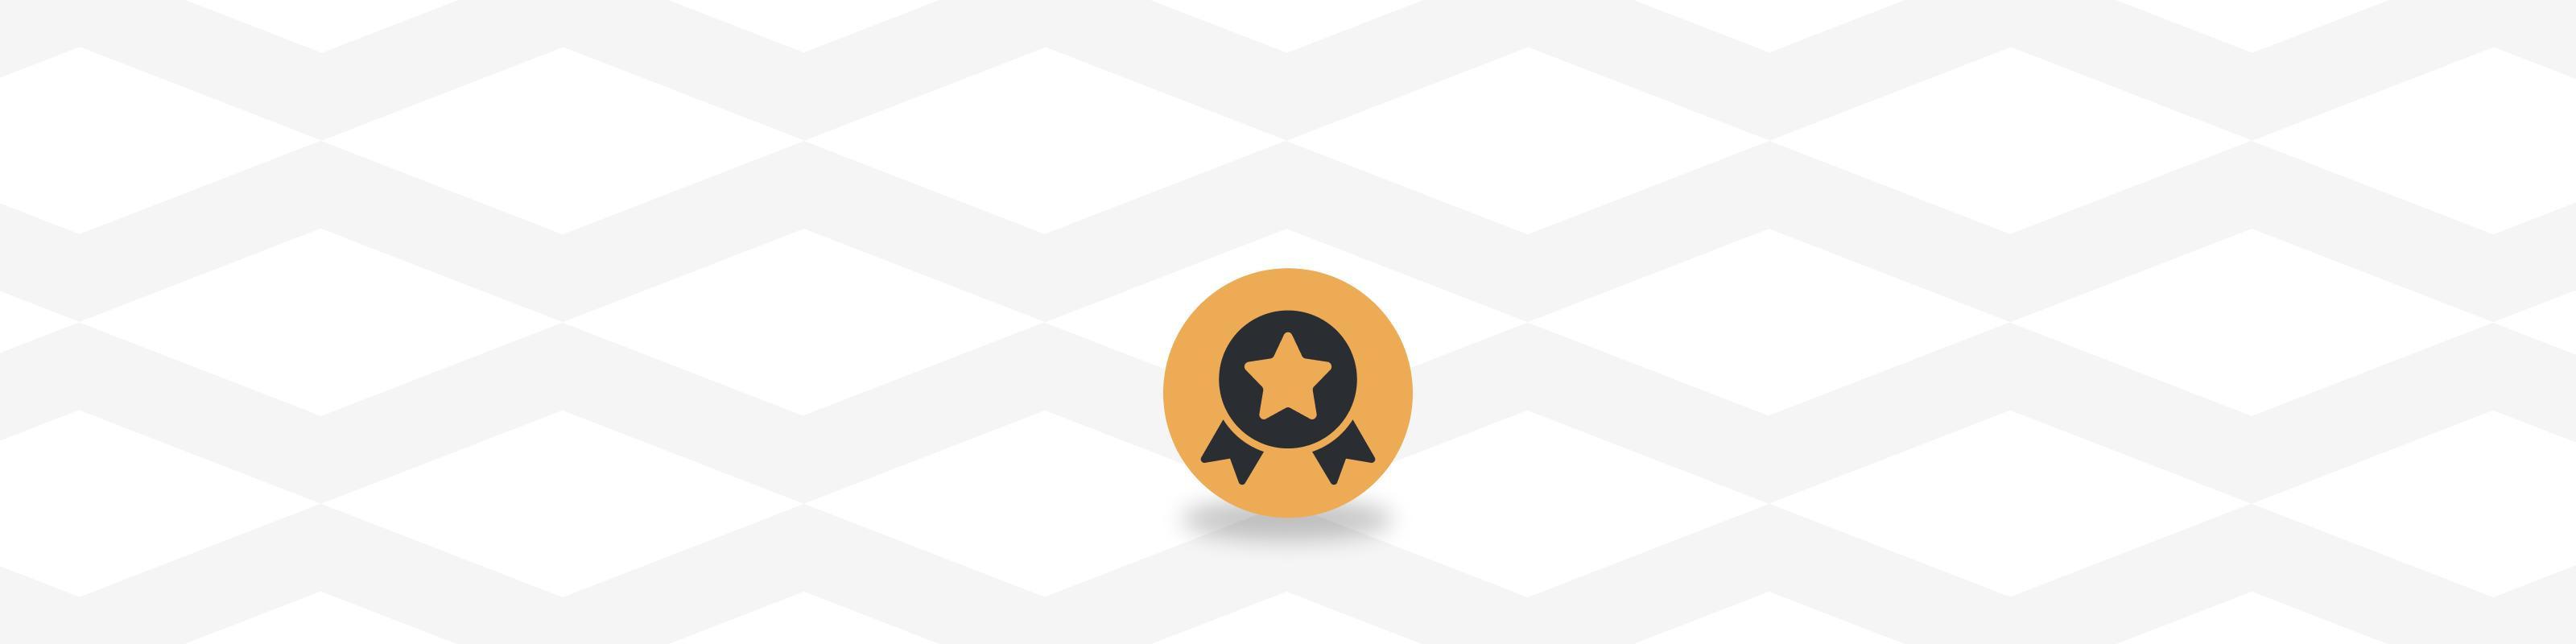 Badge van Uitmuntendheid